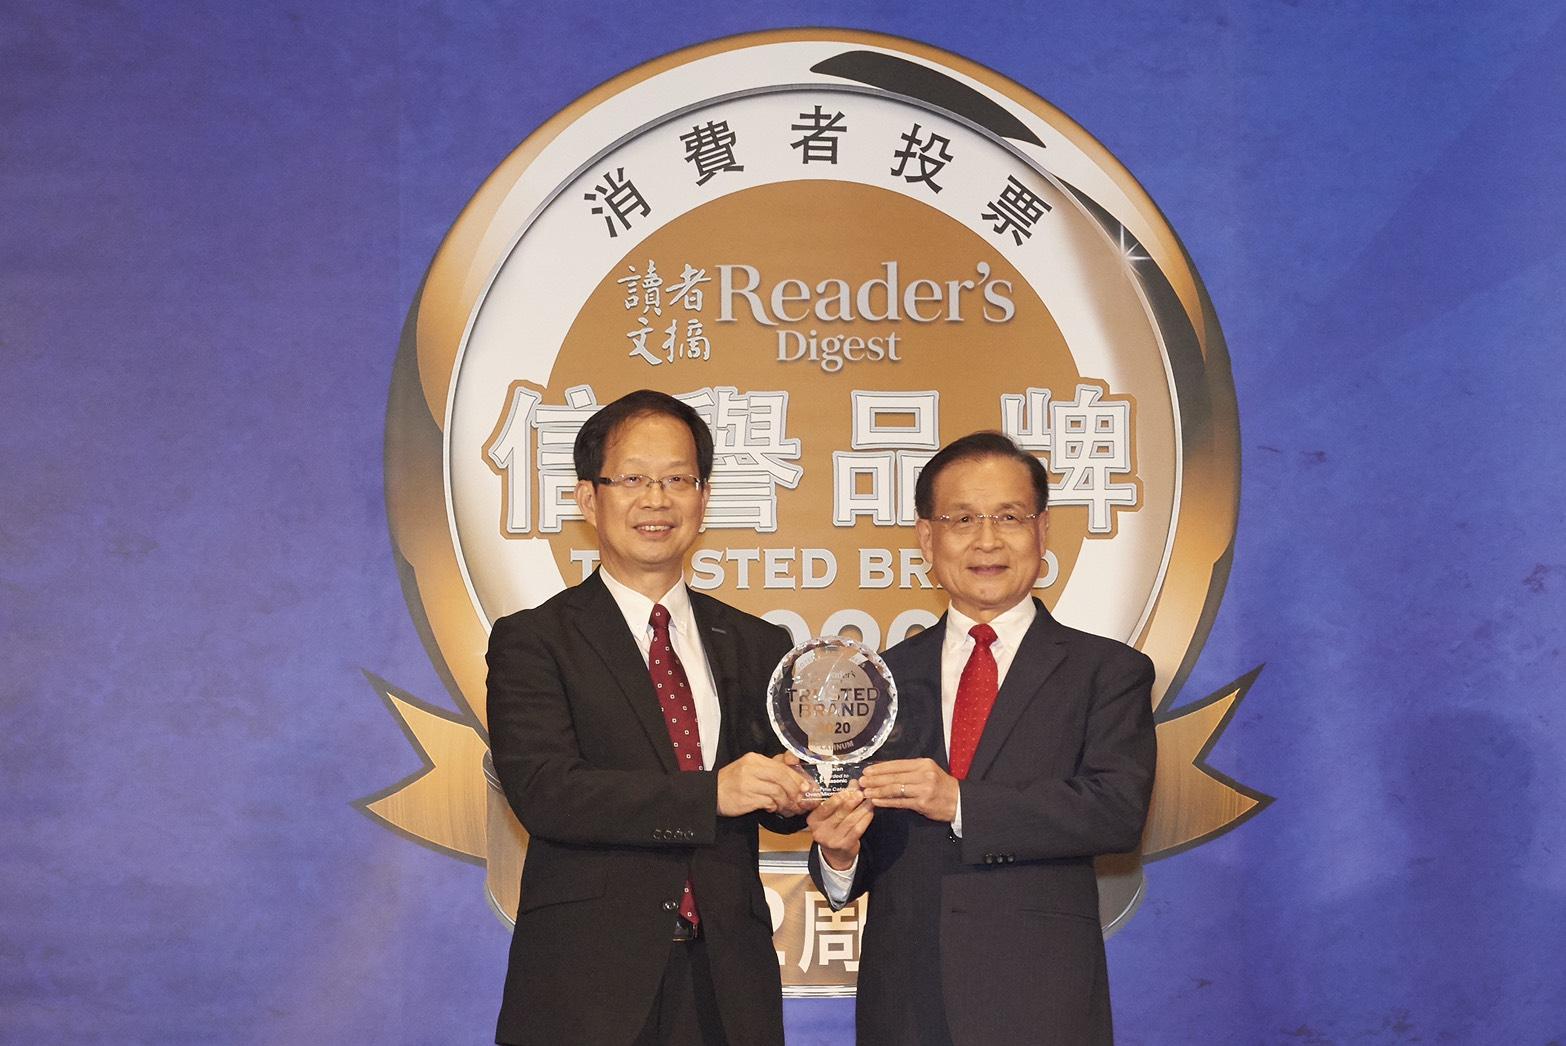 台灣人最信賴家電品牌!Panasonic業界唯一狂奪5座白金獎!